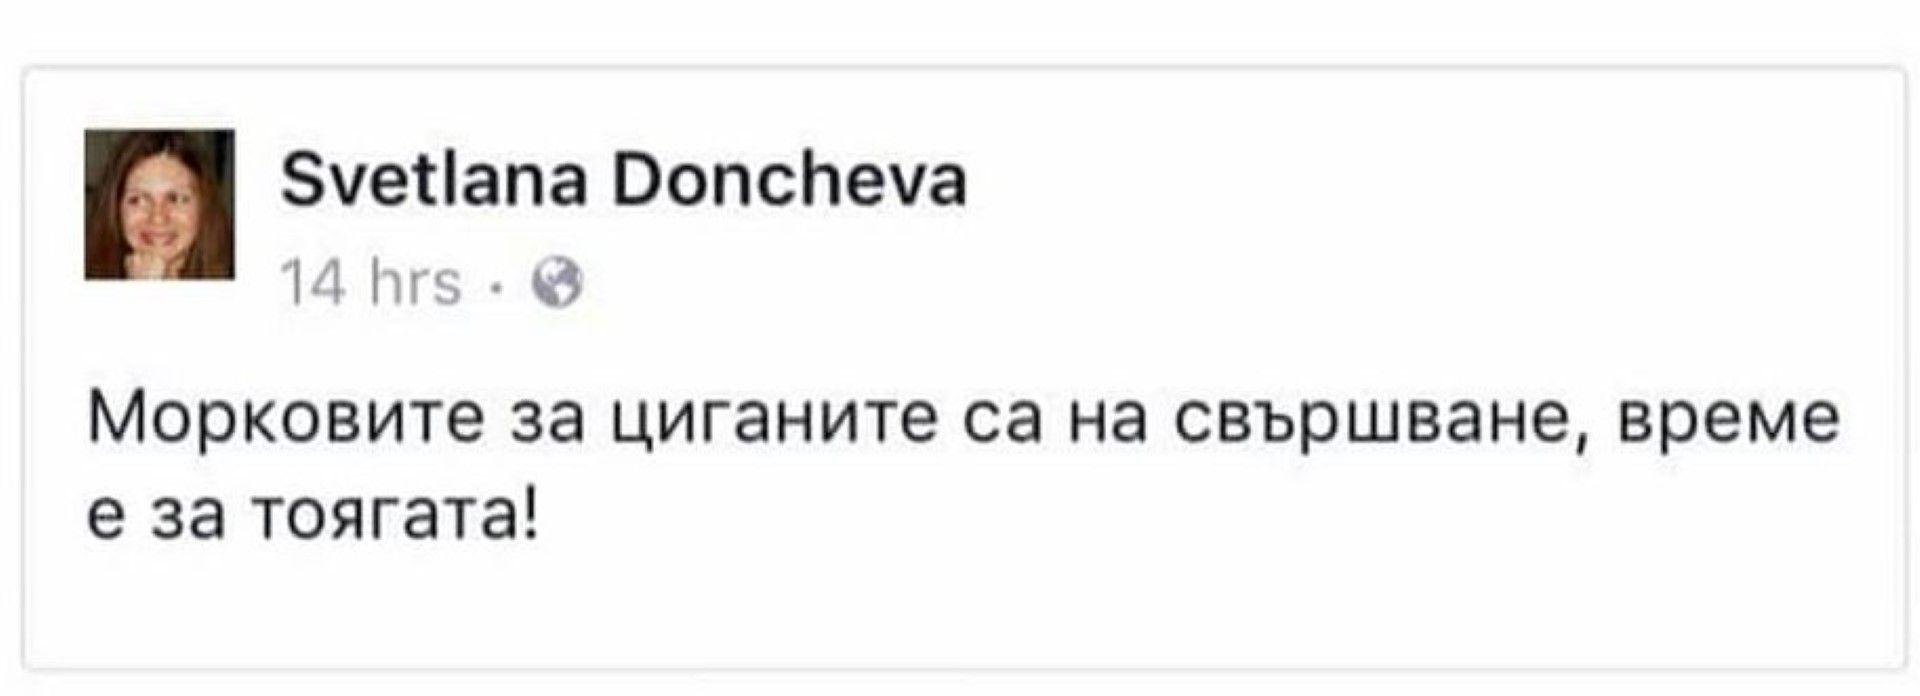 Постът на Дончева беше изтрит